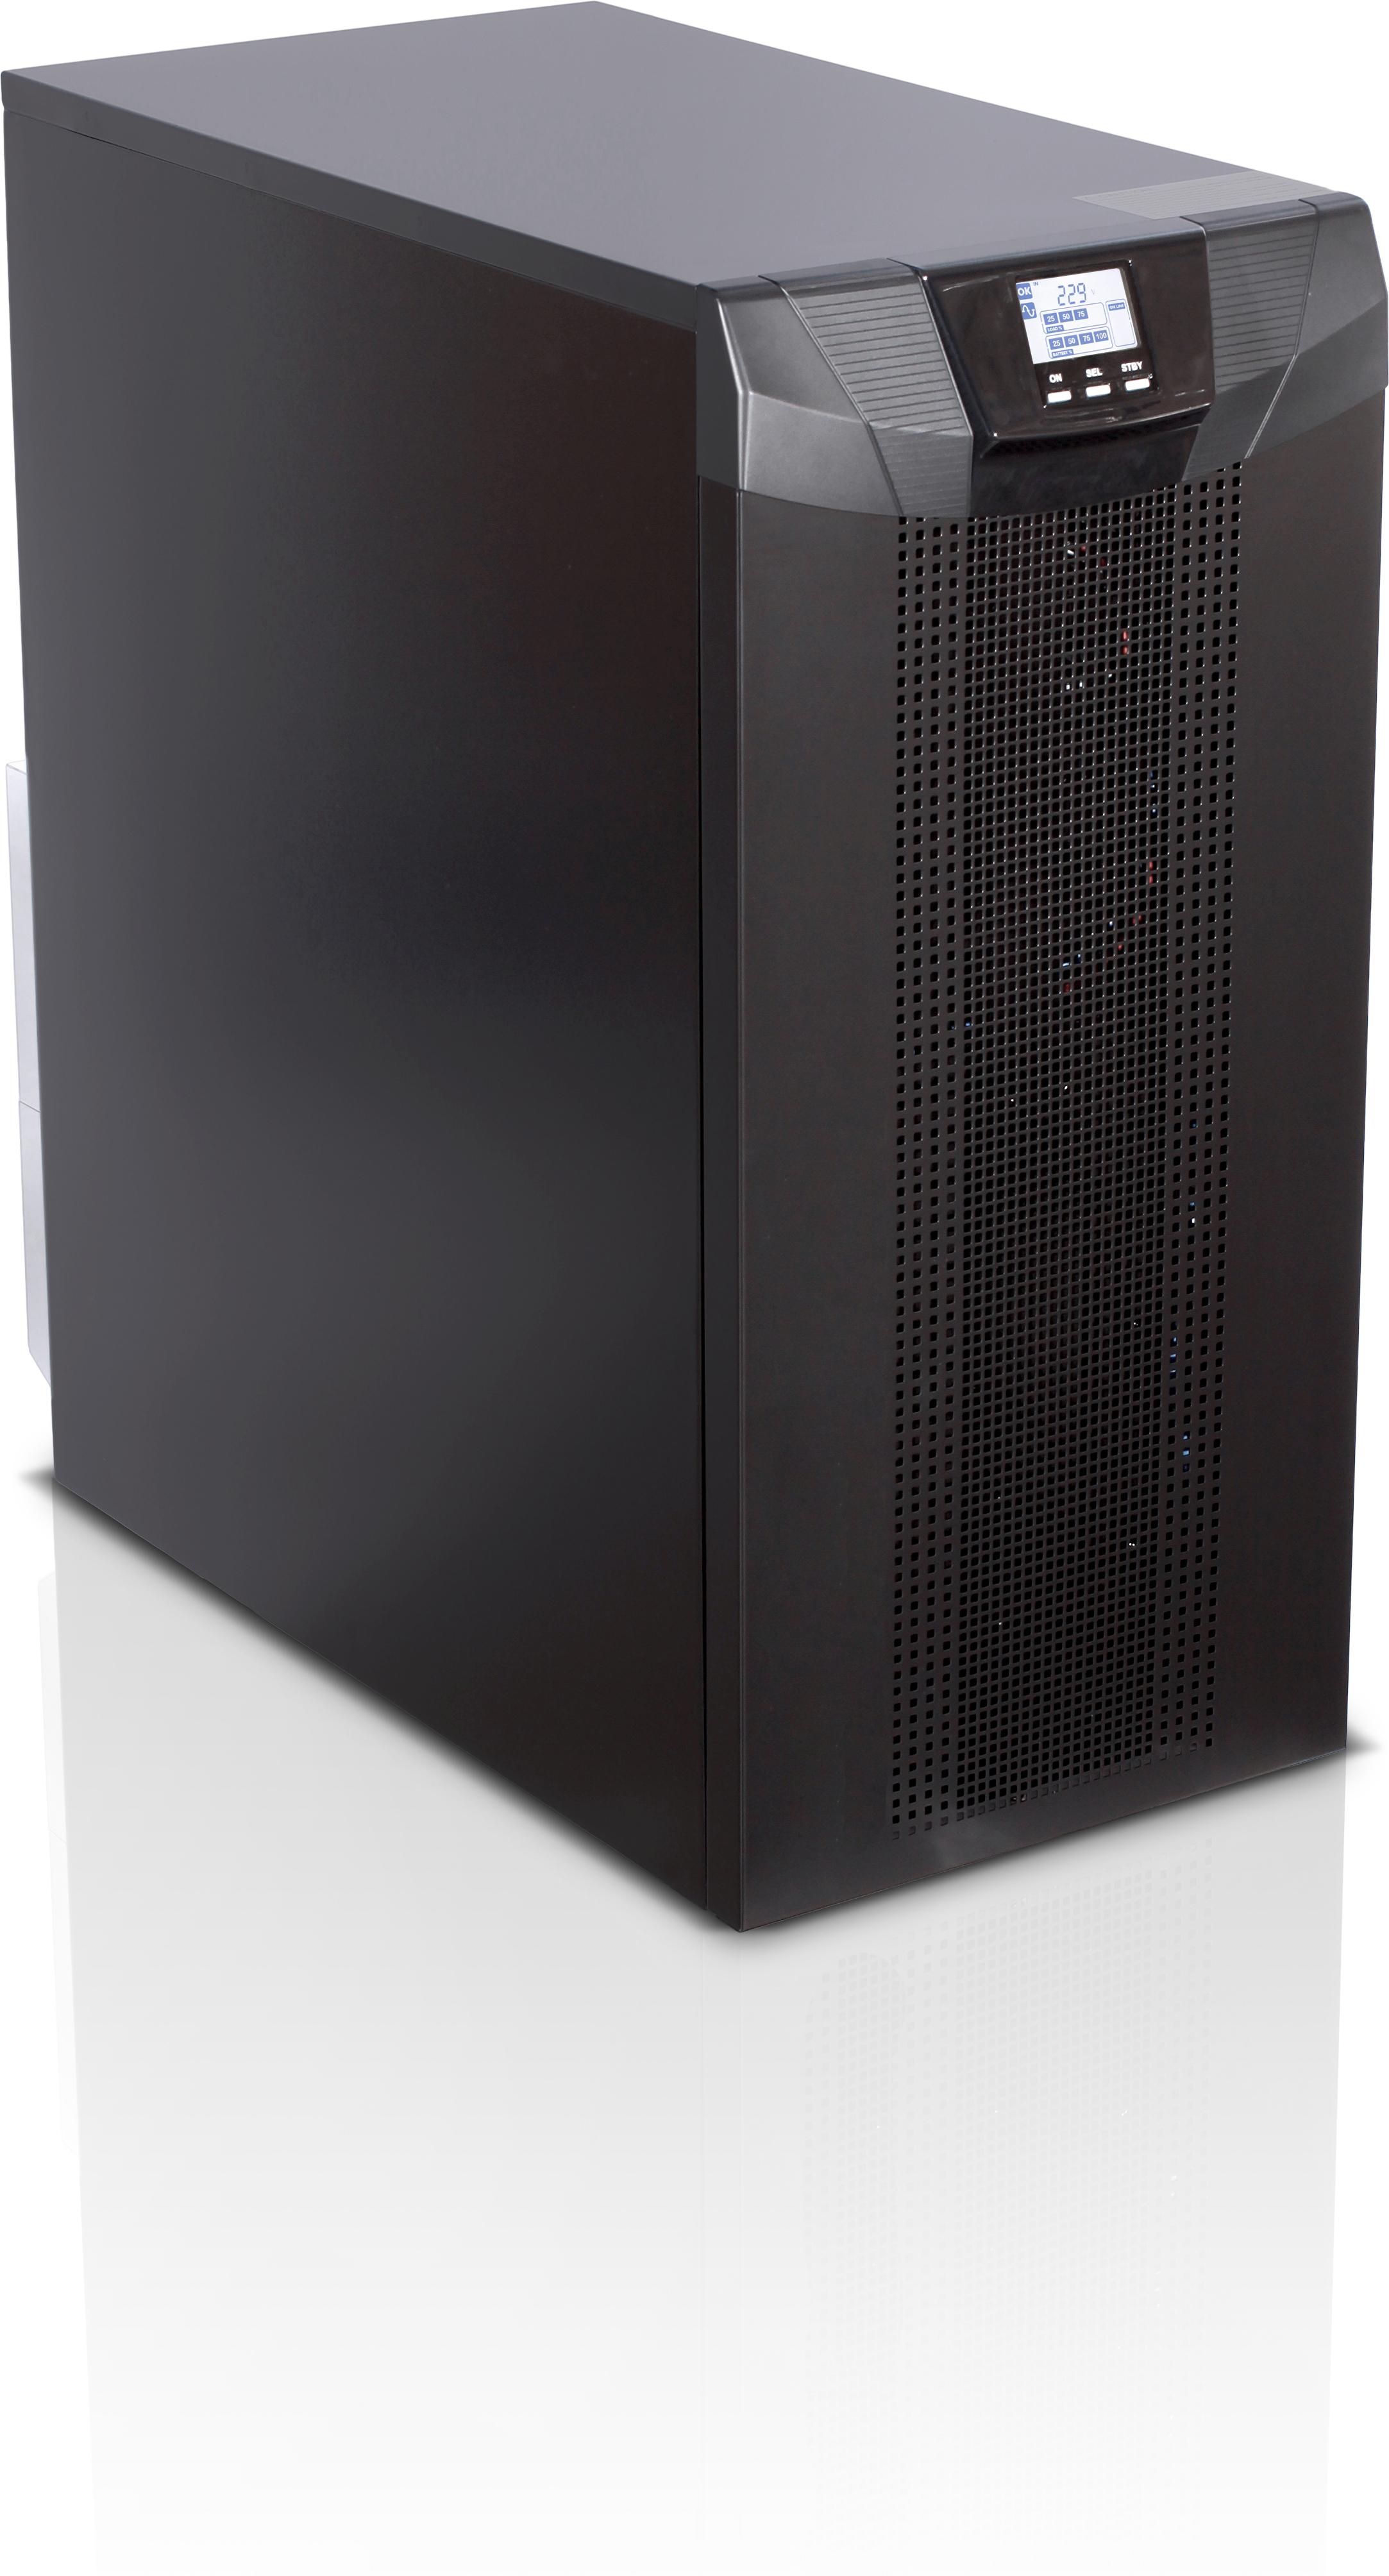 1 Stk USV GENIO Maxi Green 6000VA 5400W 6 Min. 1:1ph / Online USSPM06---